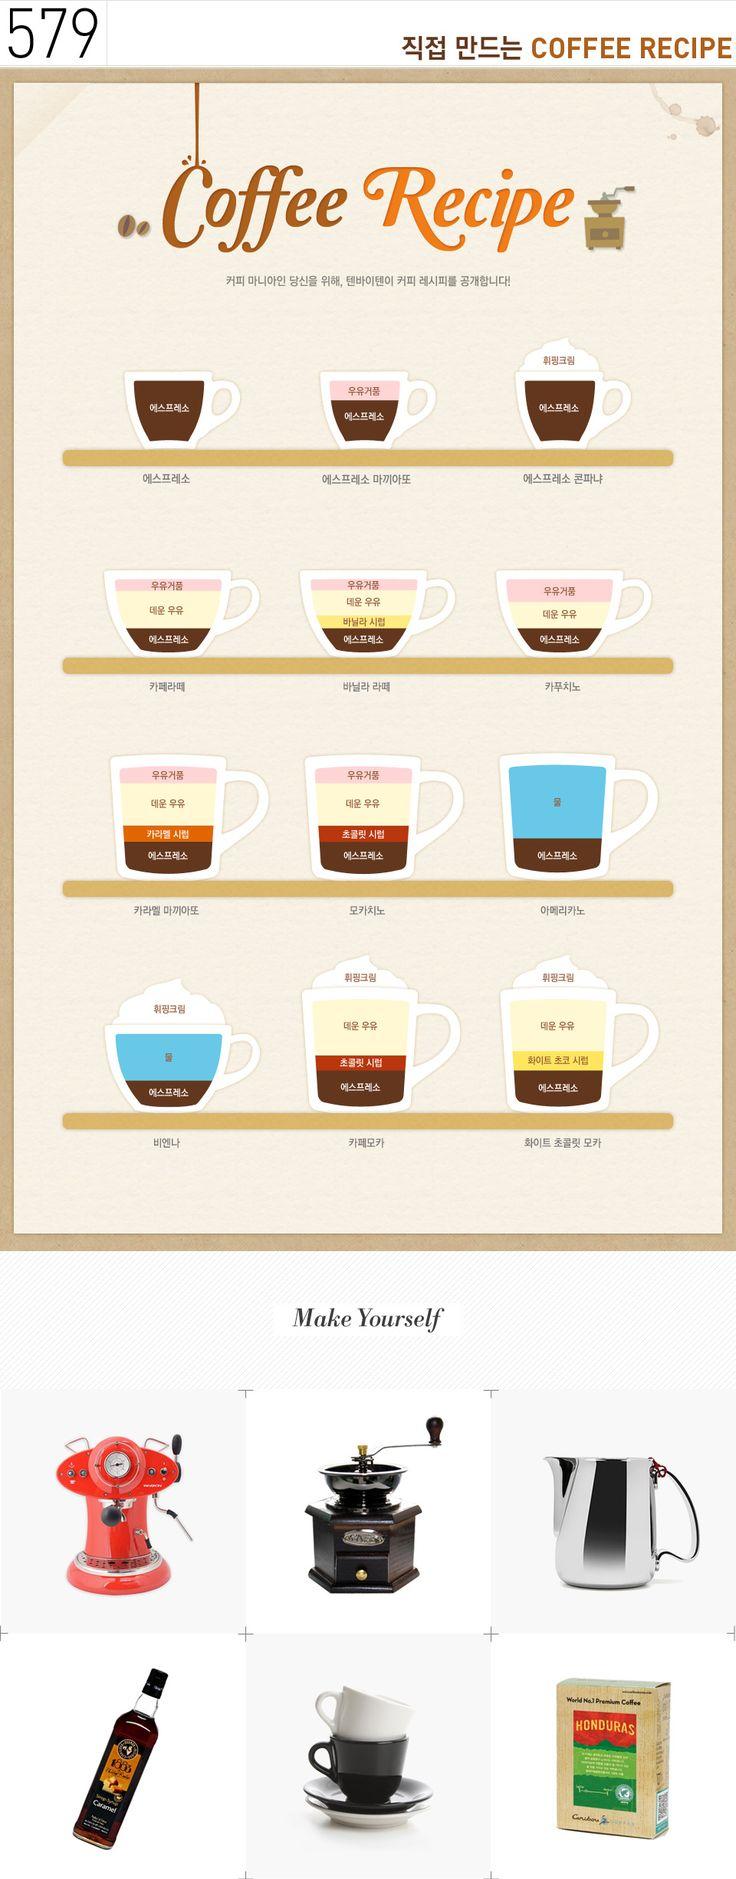 텐바이텐 10X10 : Day& 579 > 직접 만드는 Coffee Recipe